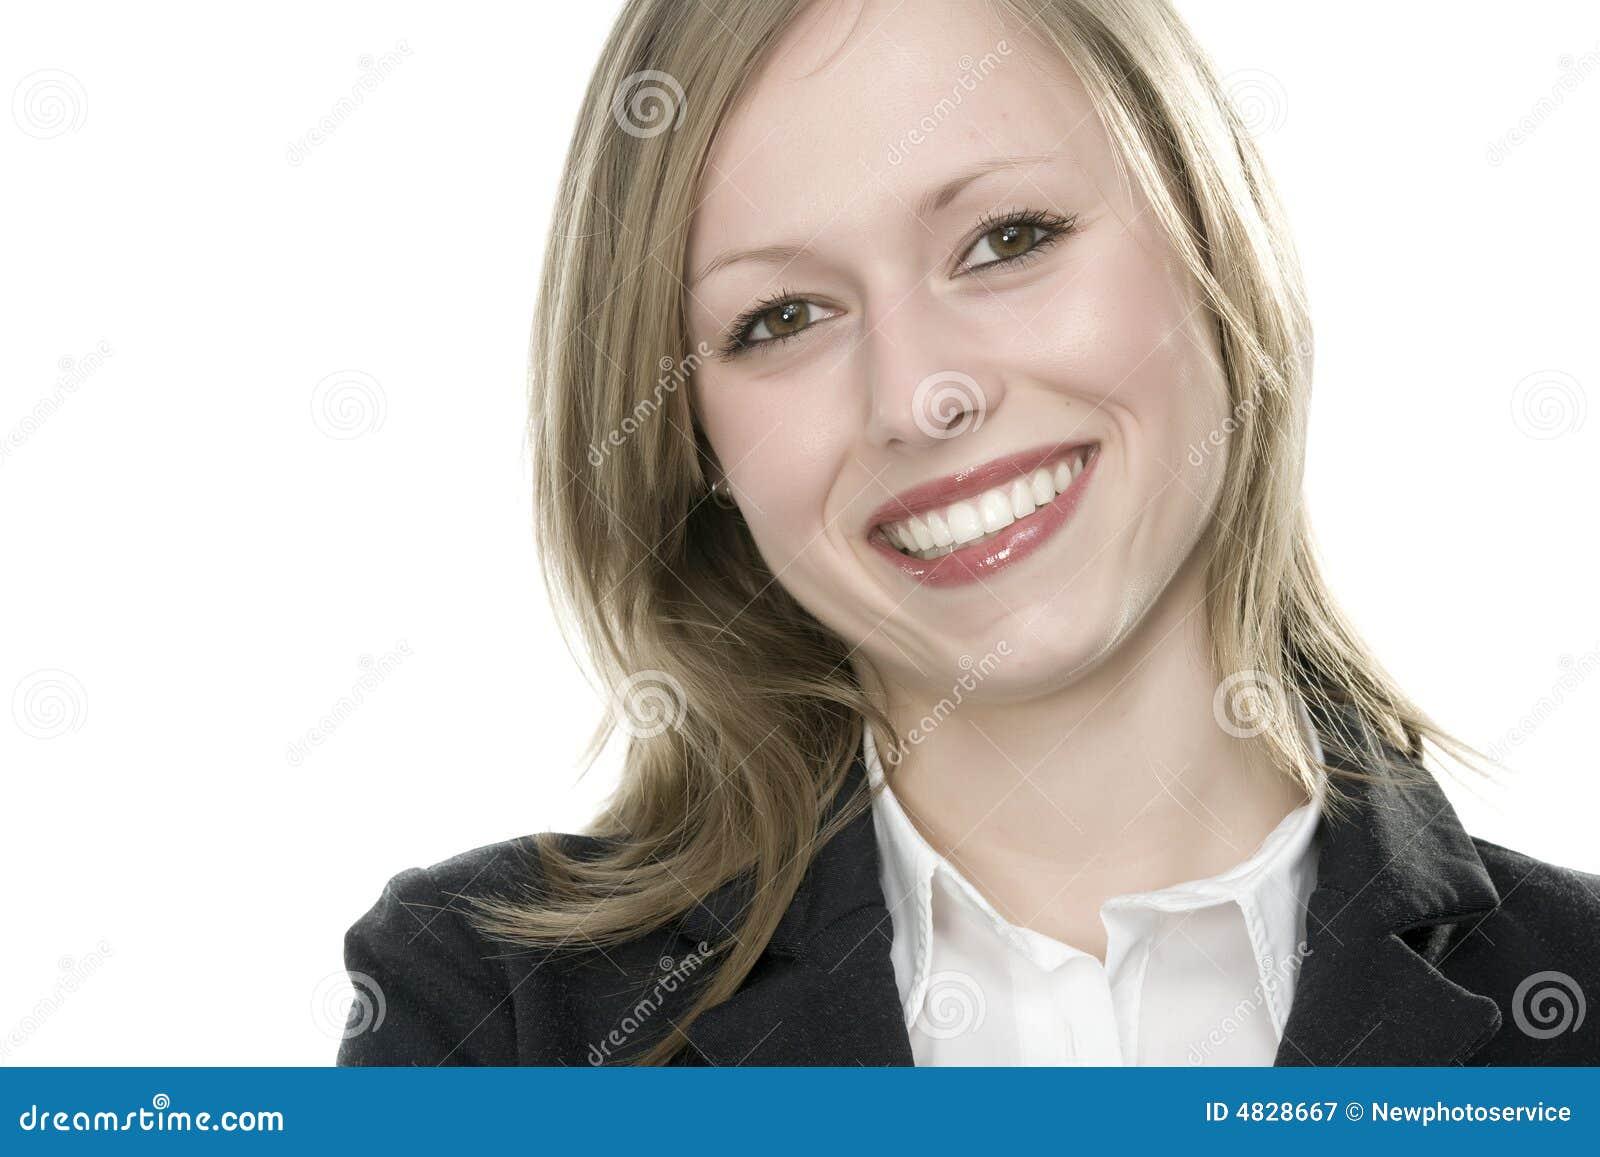 Gesicht der jungen Frau